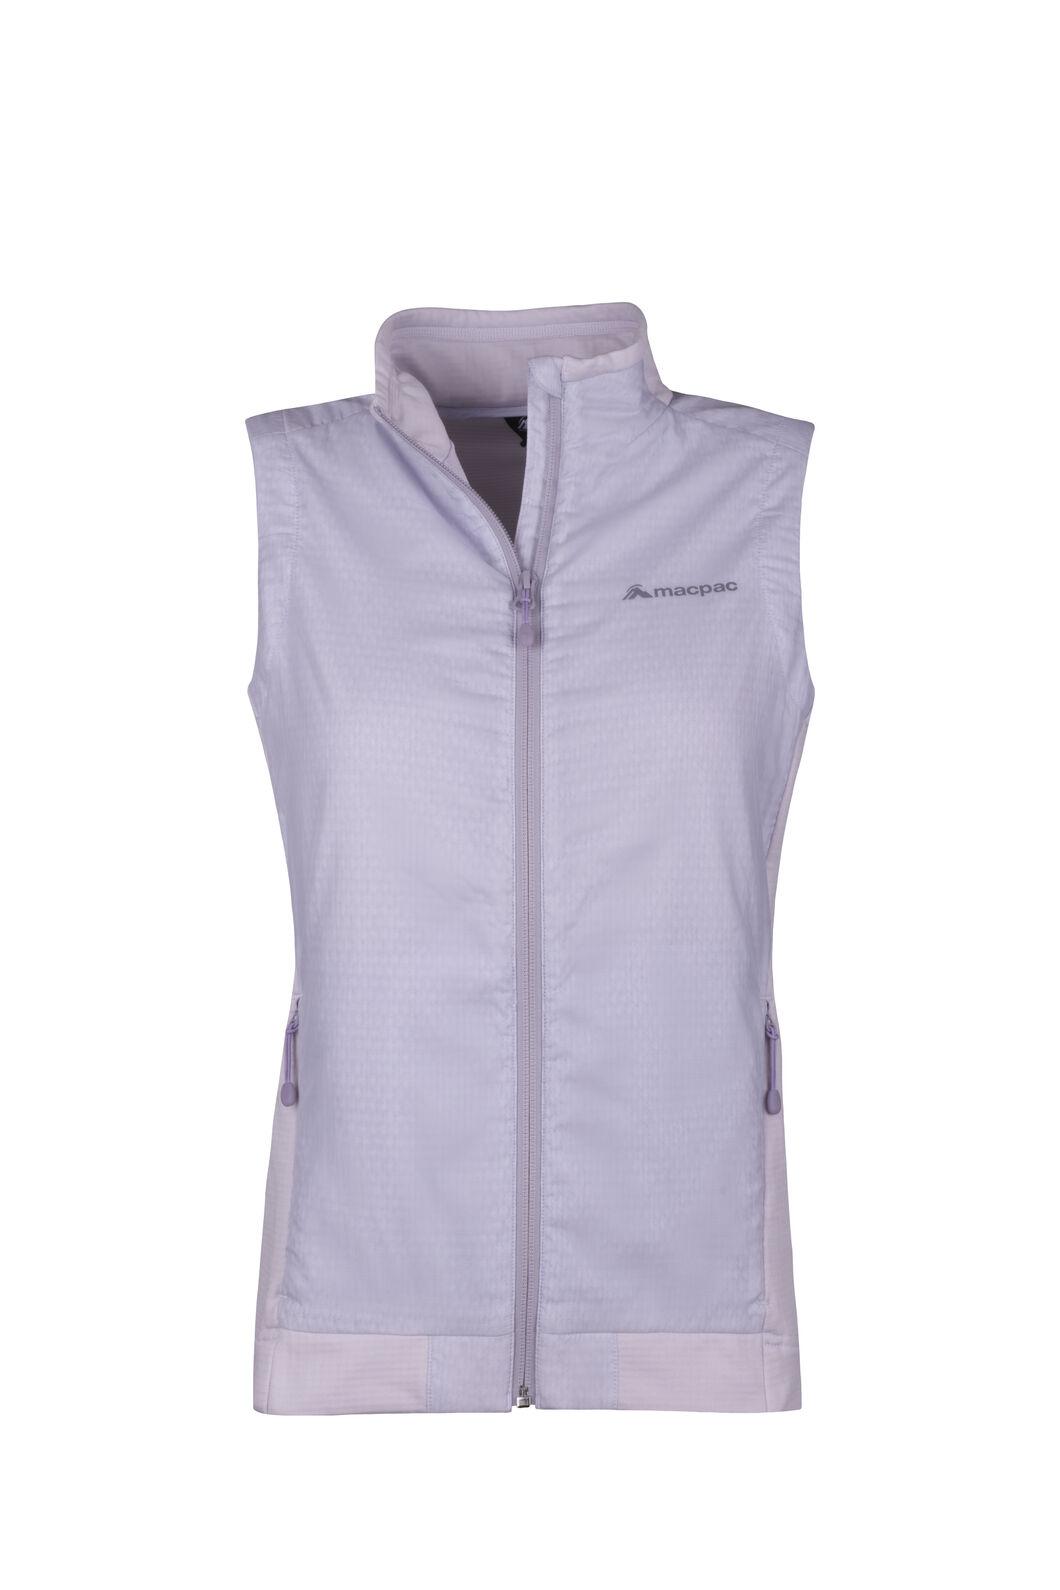 Macpac Saros Polartec® Alpha® Vest - Women's, Lilac Hint, hi-res